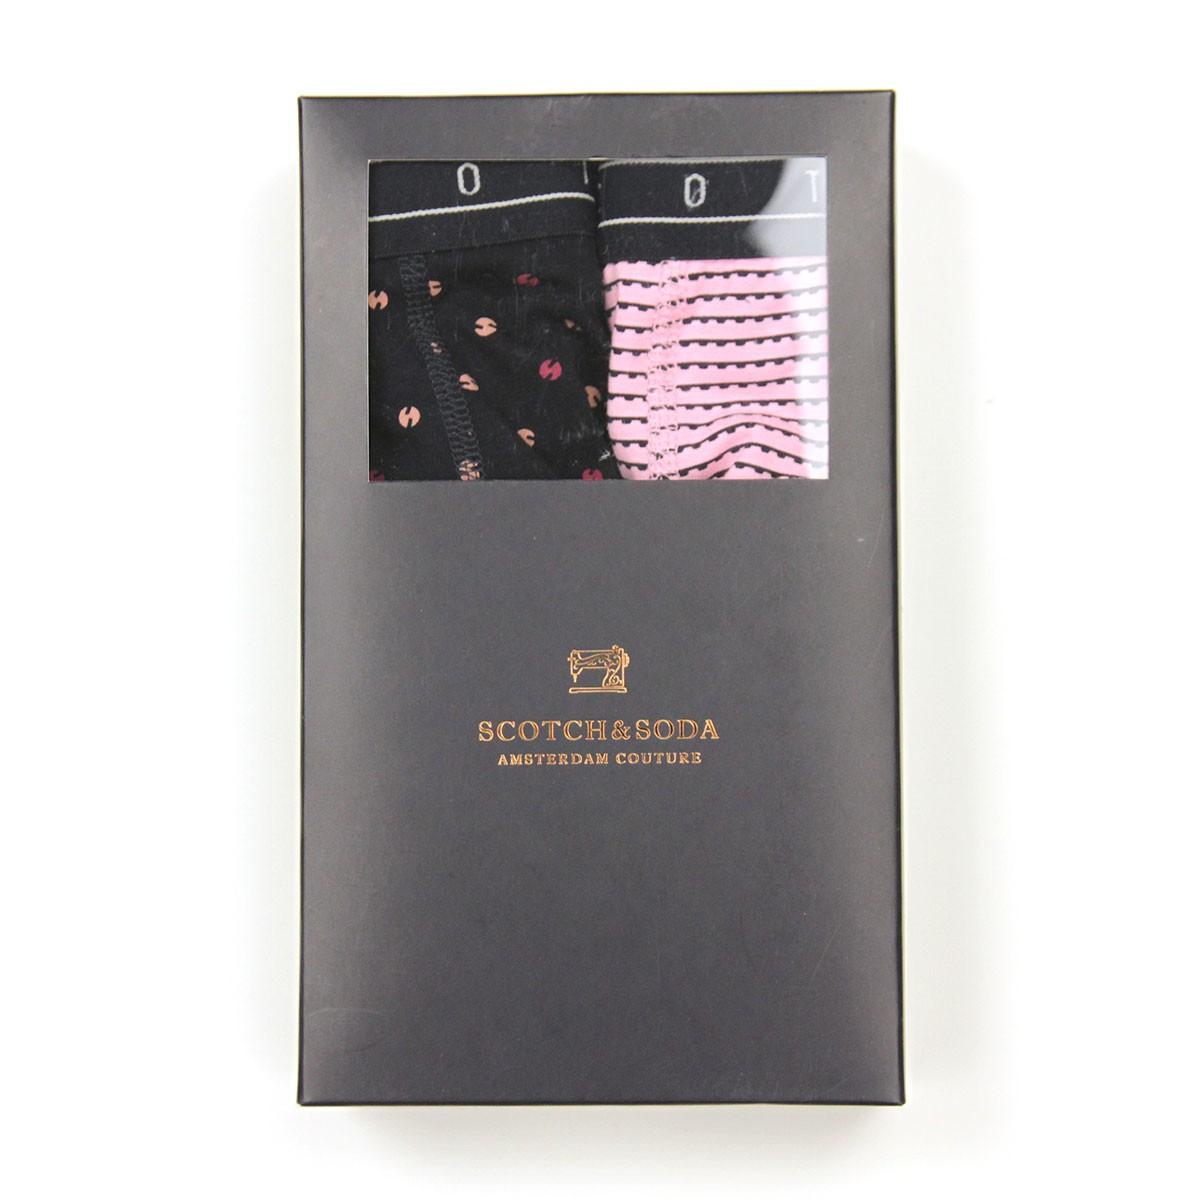 スコッチアンドソーダ ボクサーパンツ メンズ 正規販売店 SCOTCH&SODA 下着 2枚組 CLASSIC ALL-OVER PRINTED BOXER SHORTS COMBO B 151340 89914 89